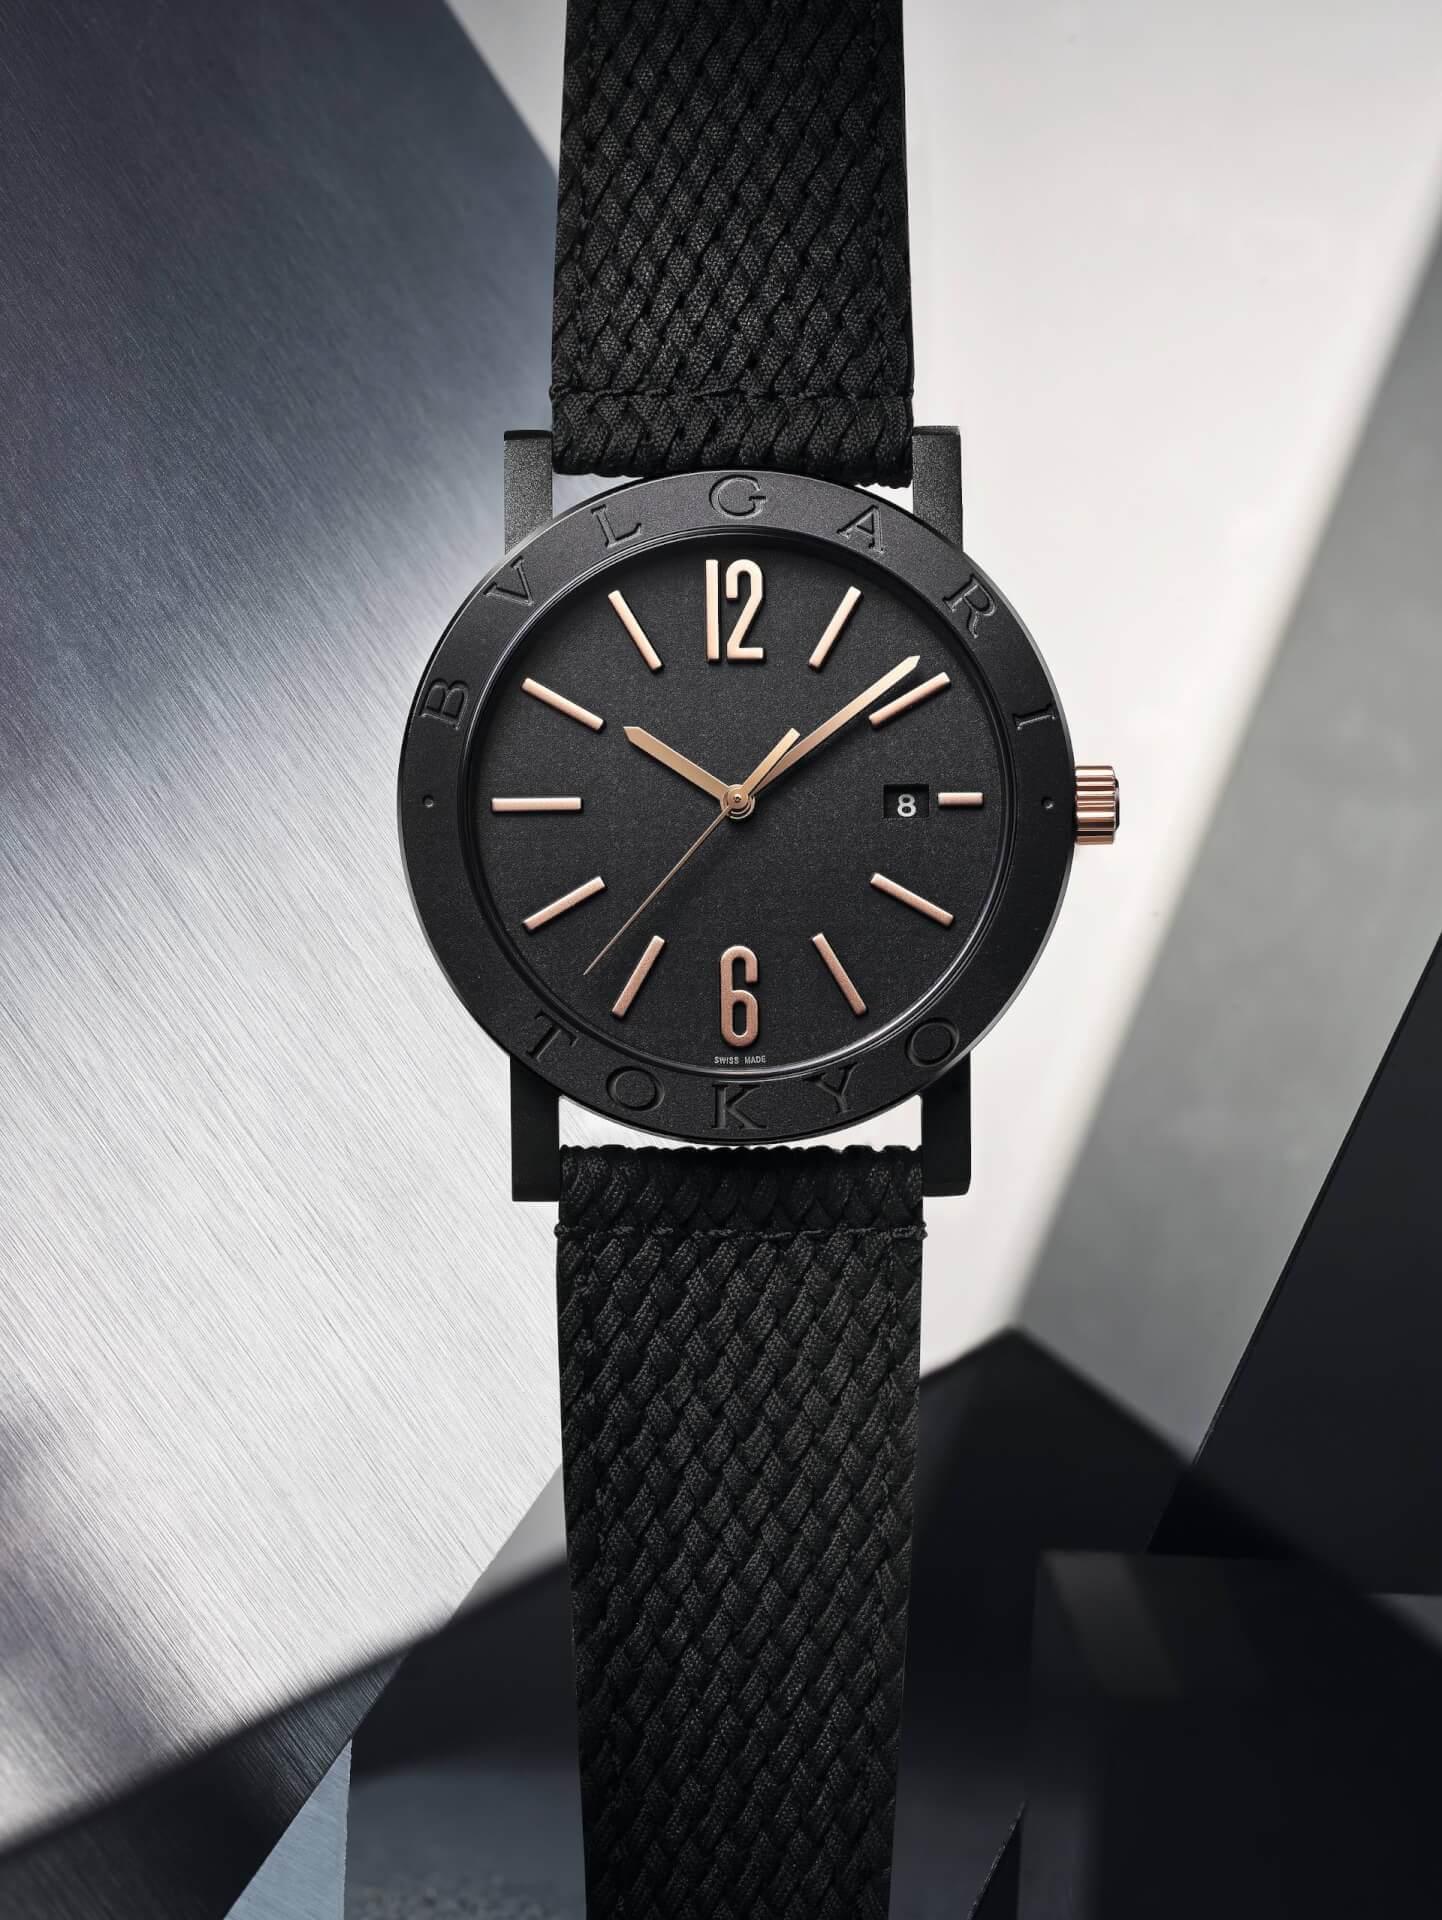 BVLGARIから腕時計「シティーズ限定モデル 2020」よりTOKYOモデルが先行発売決定!アートプリントが付属 lf200702_bvlgari_tokyowatch_05